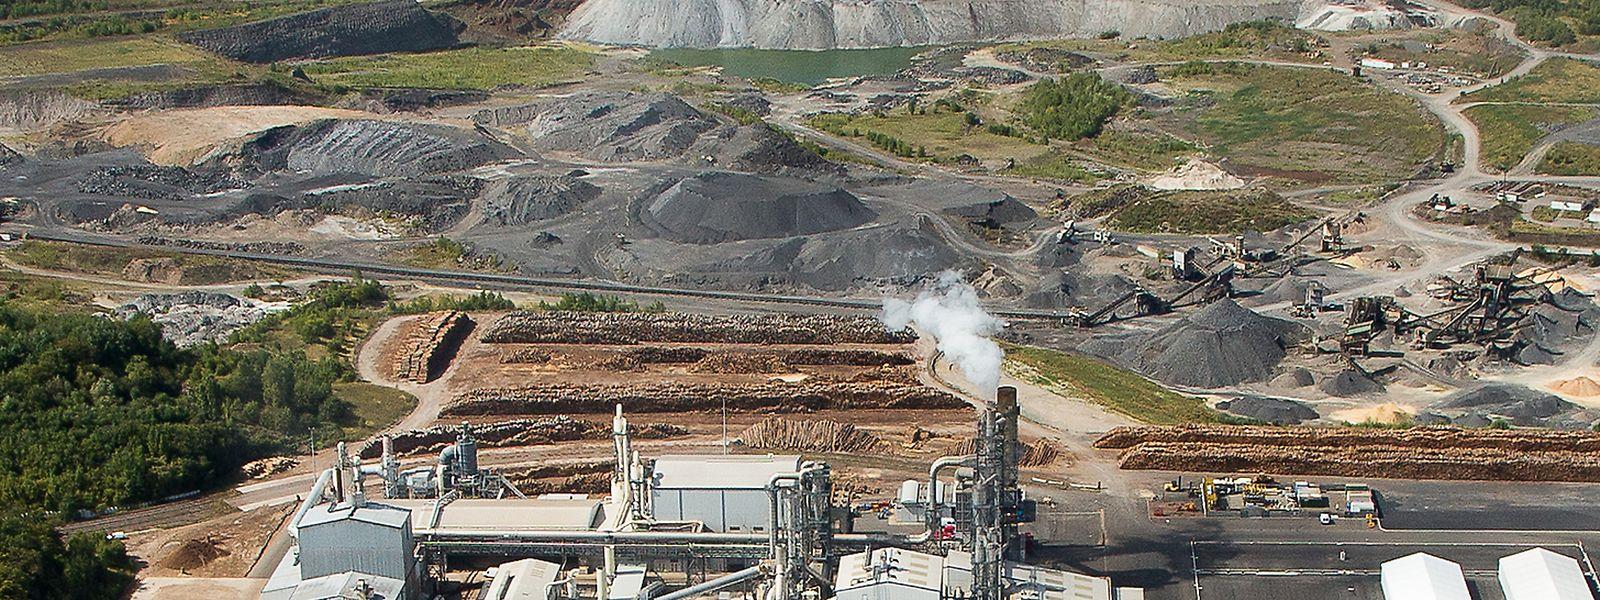 ArcelorMittal n'est pas le seul acteur privé à entreposer des déchets sur le site.